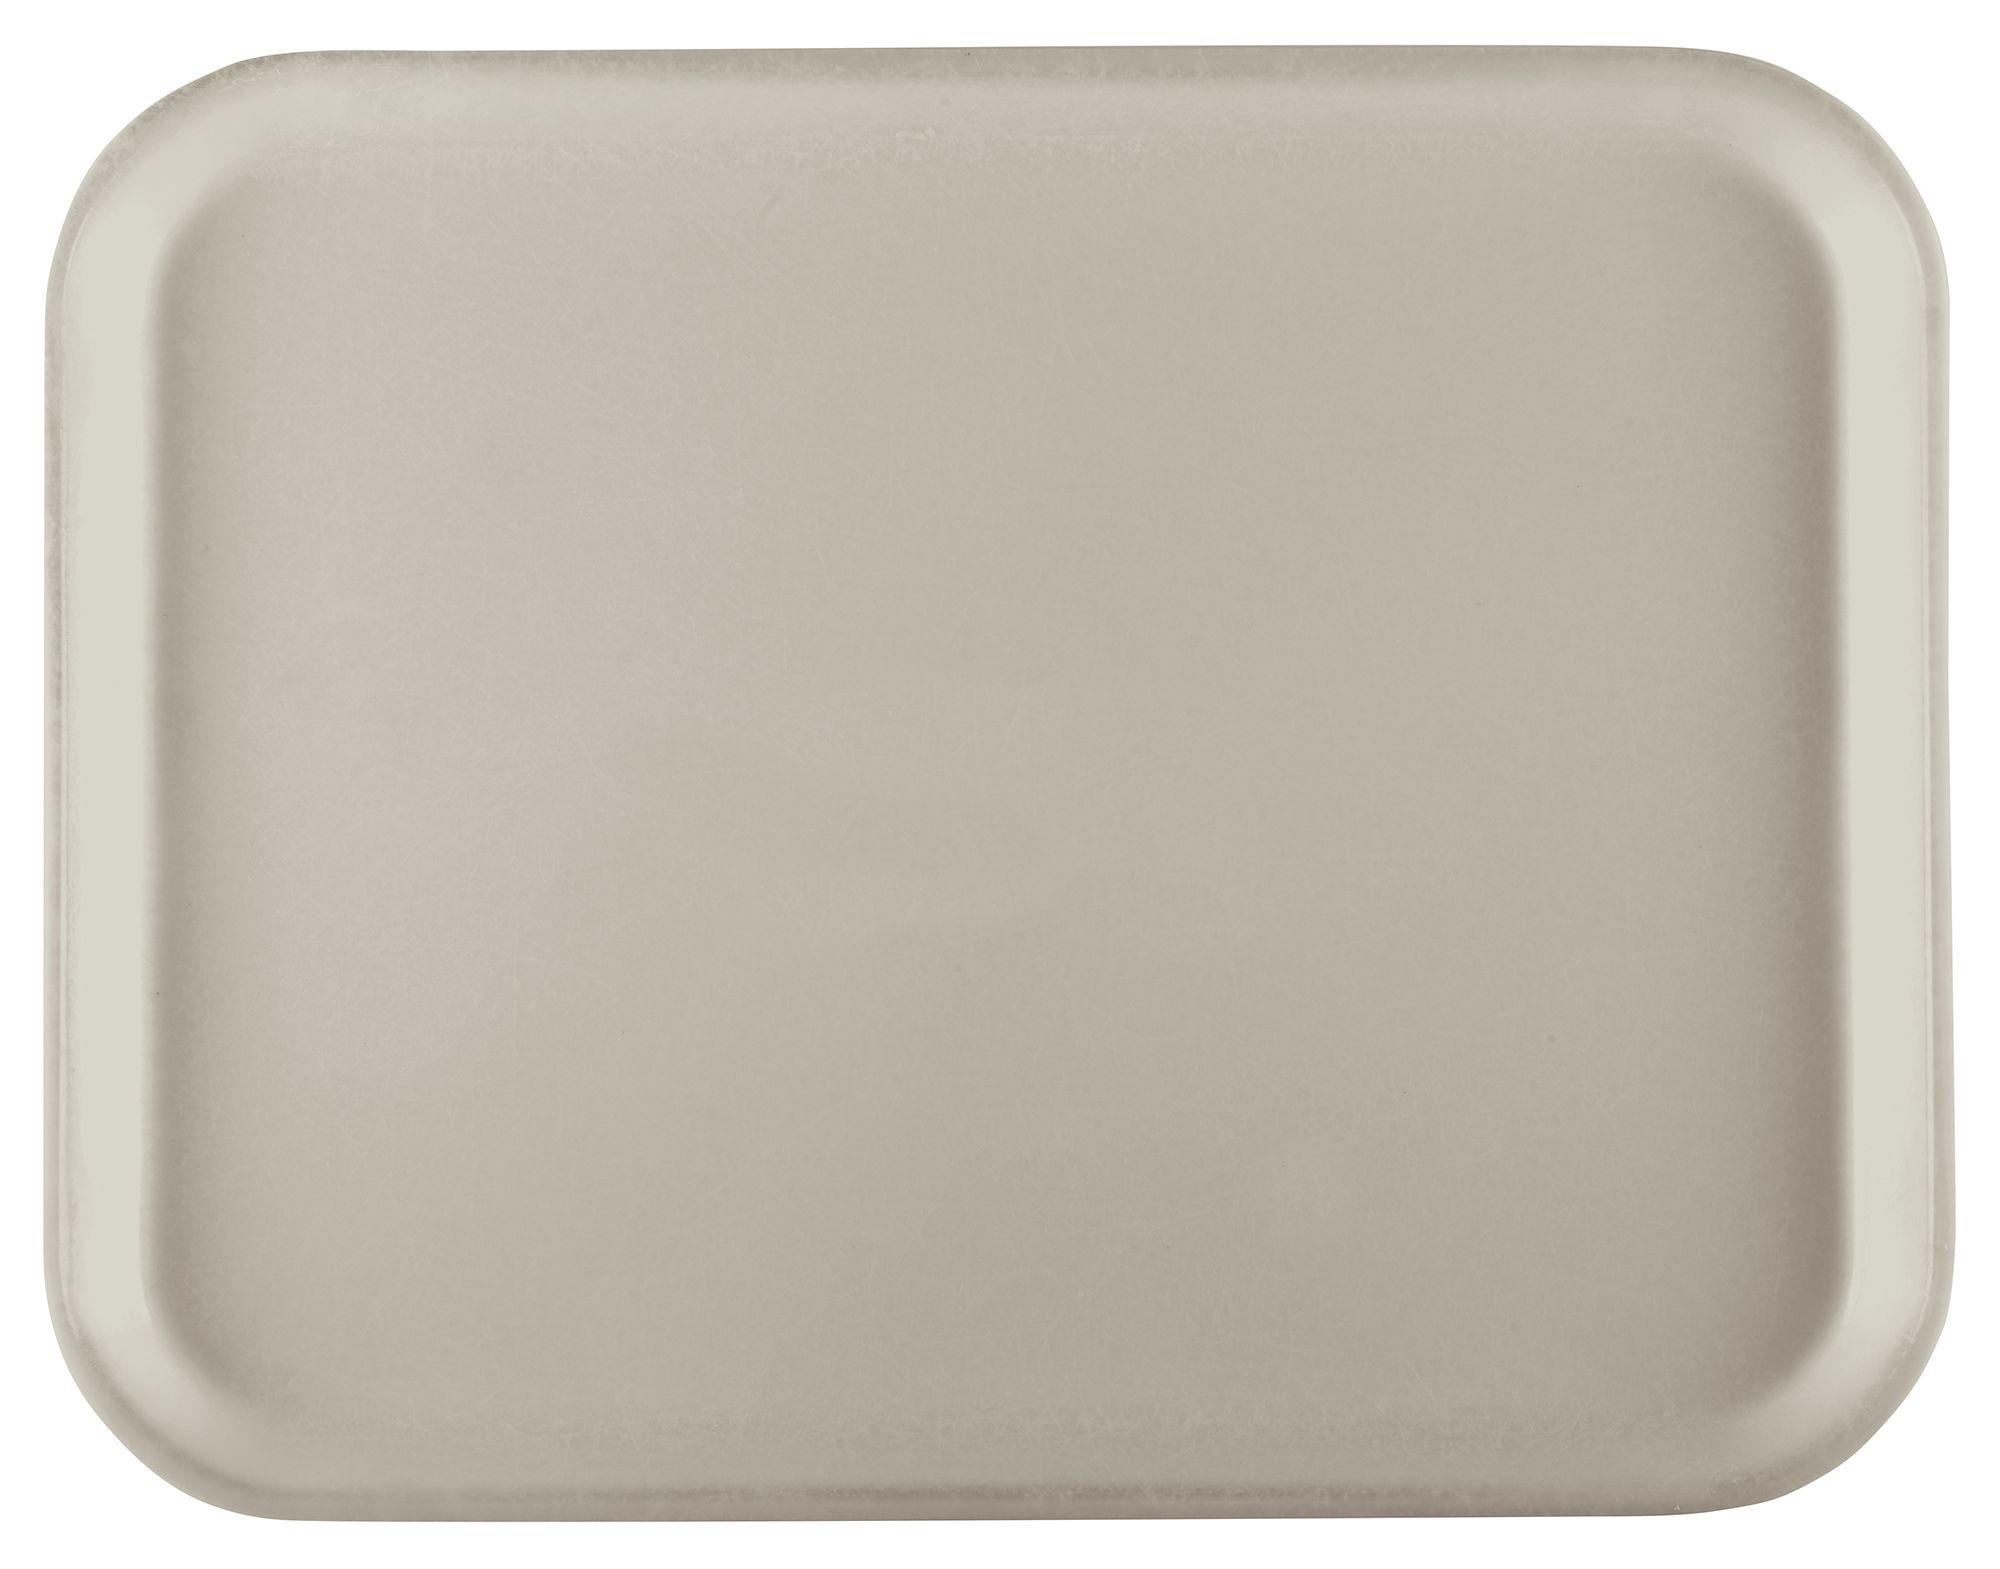 Winco FGT-1520C Fiberglass Rectangular Tray, Cream, 15quot; x 20quot;